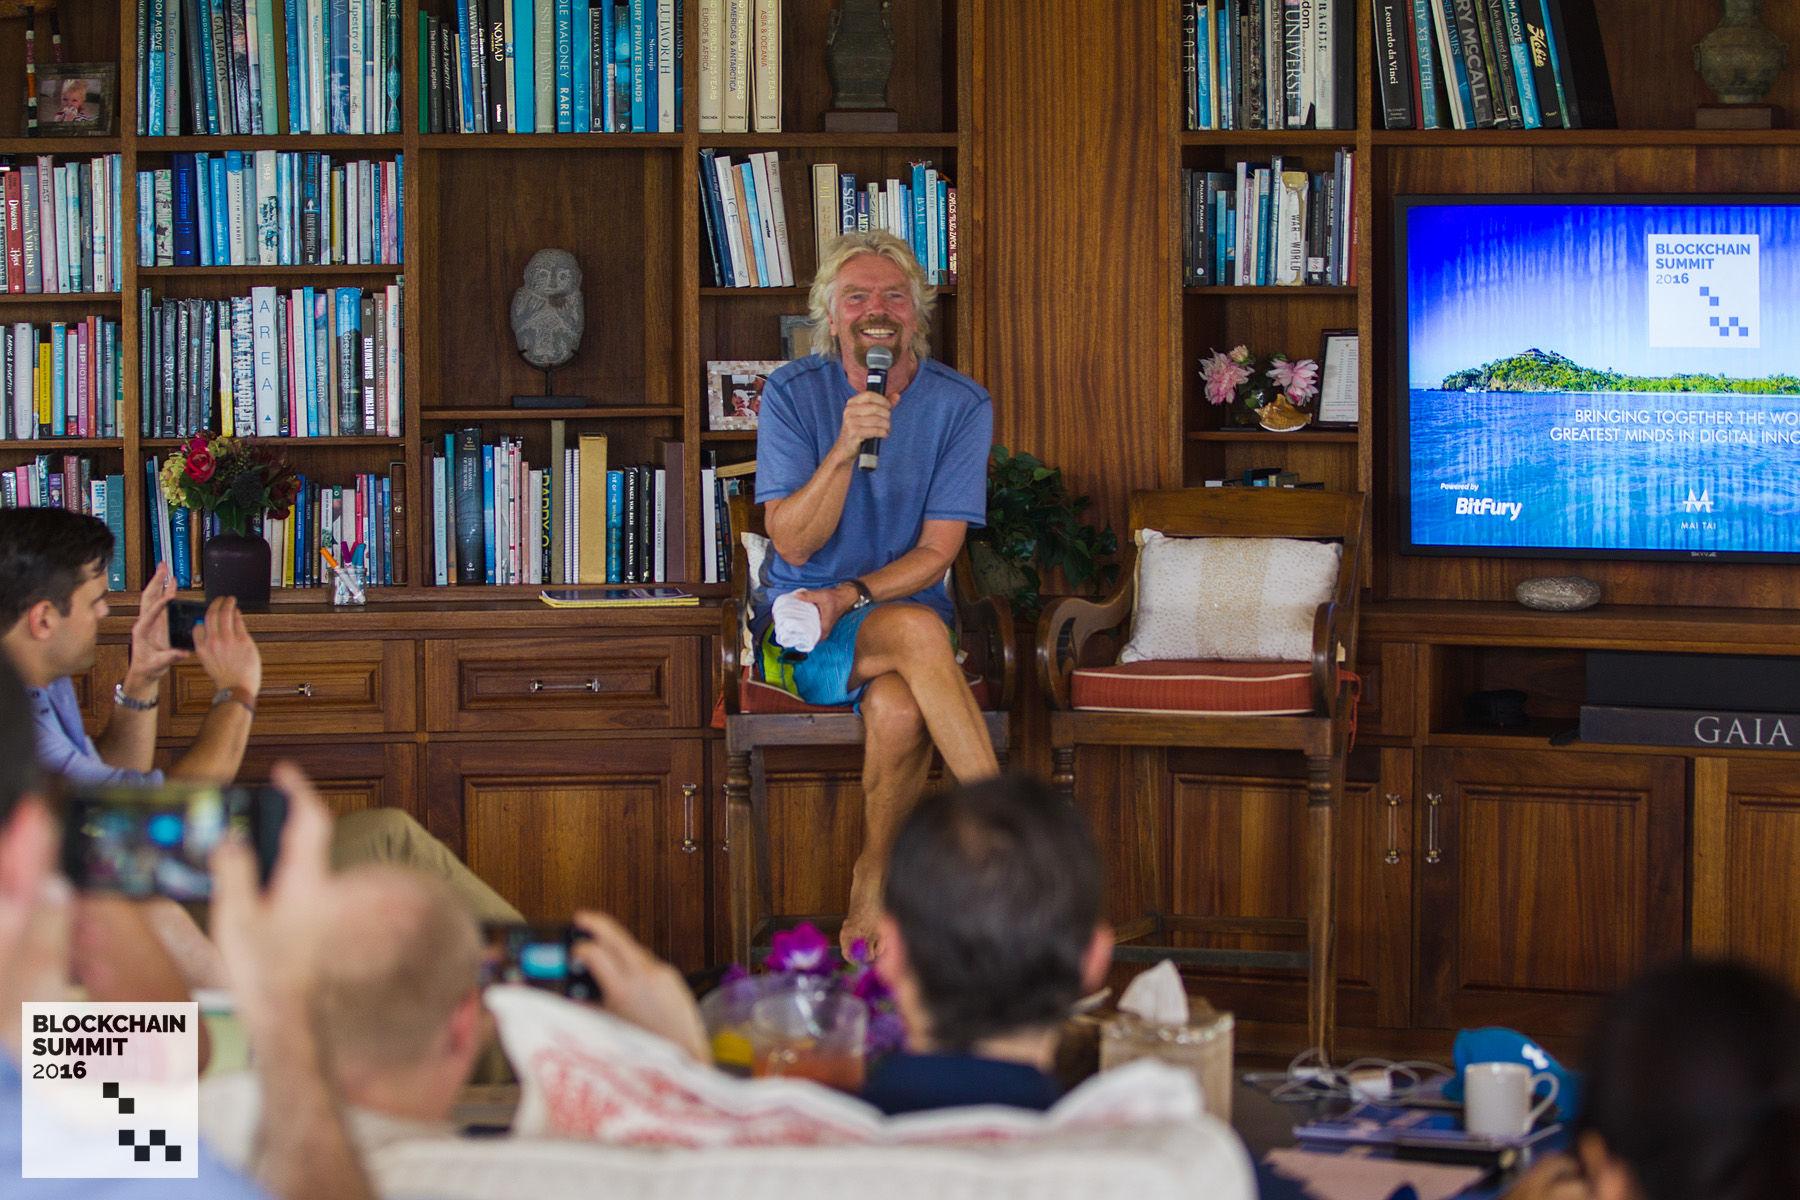 Richard Branson Blockchain Summit 2016